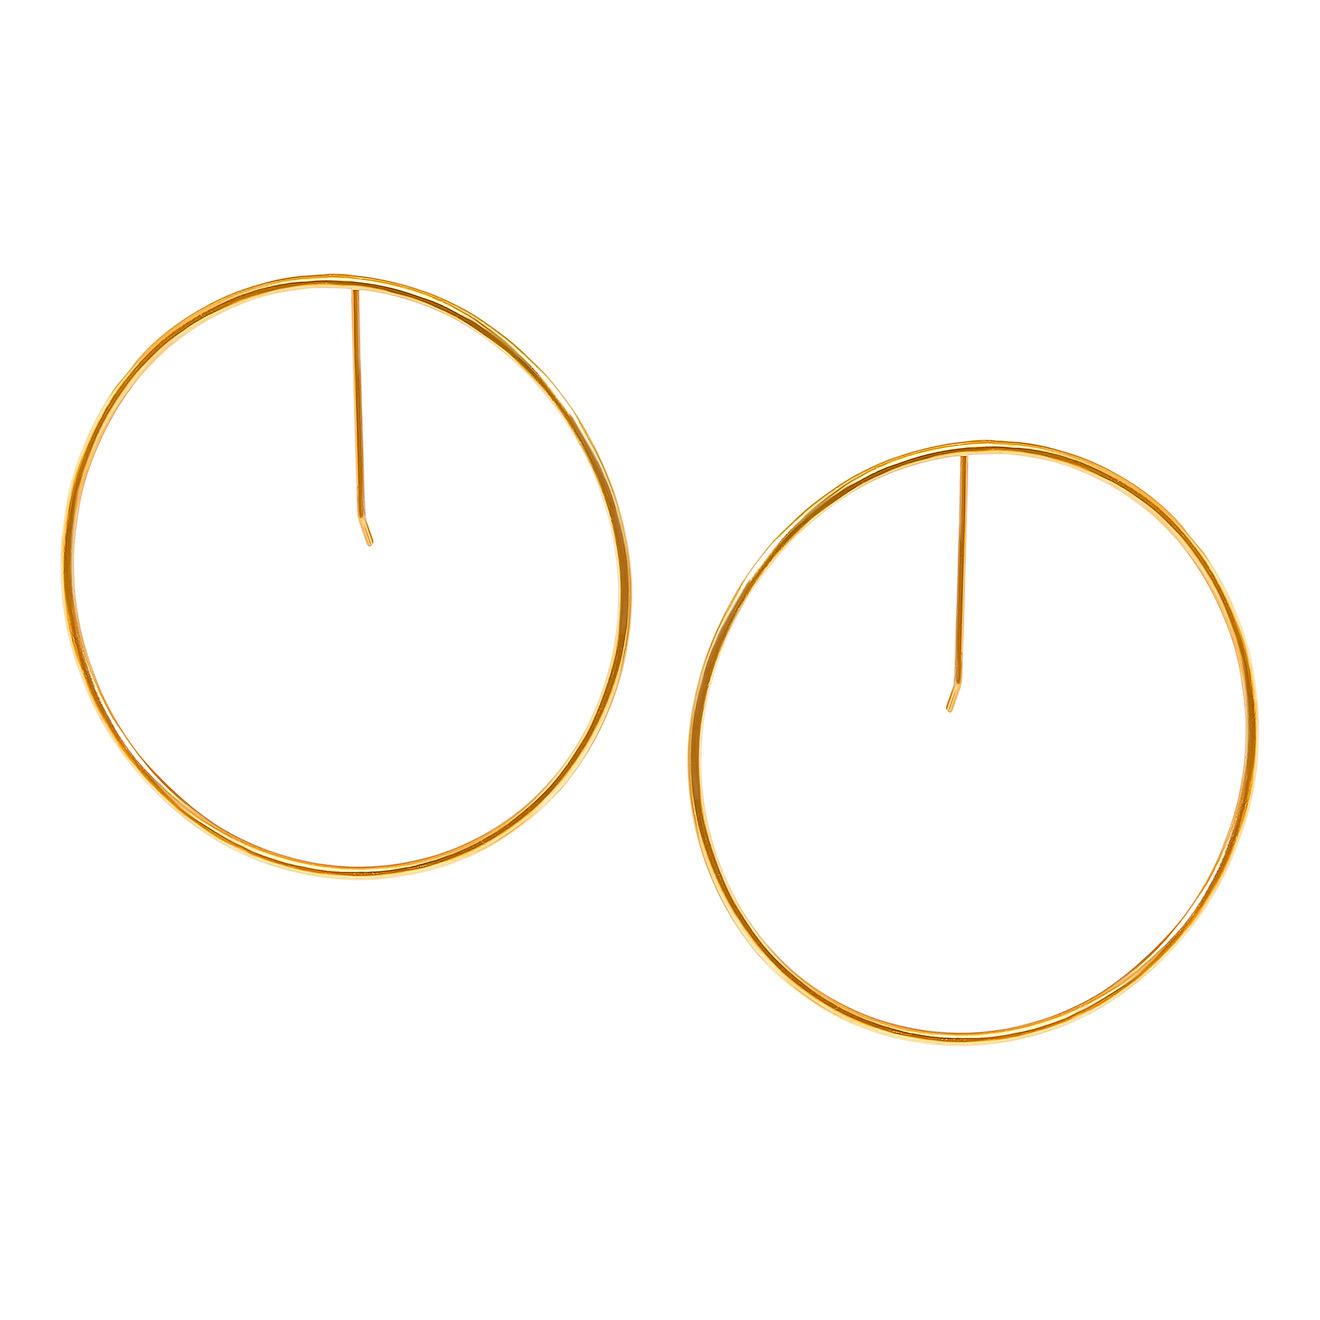 Khoshtrik Большие позолоченные серьги-круги